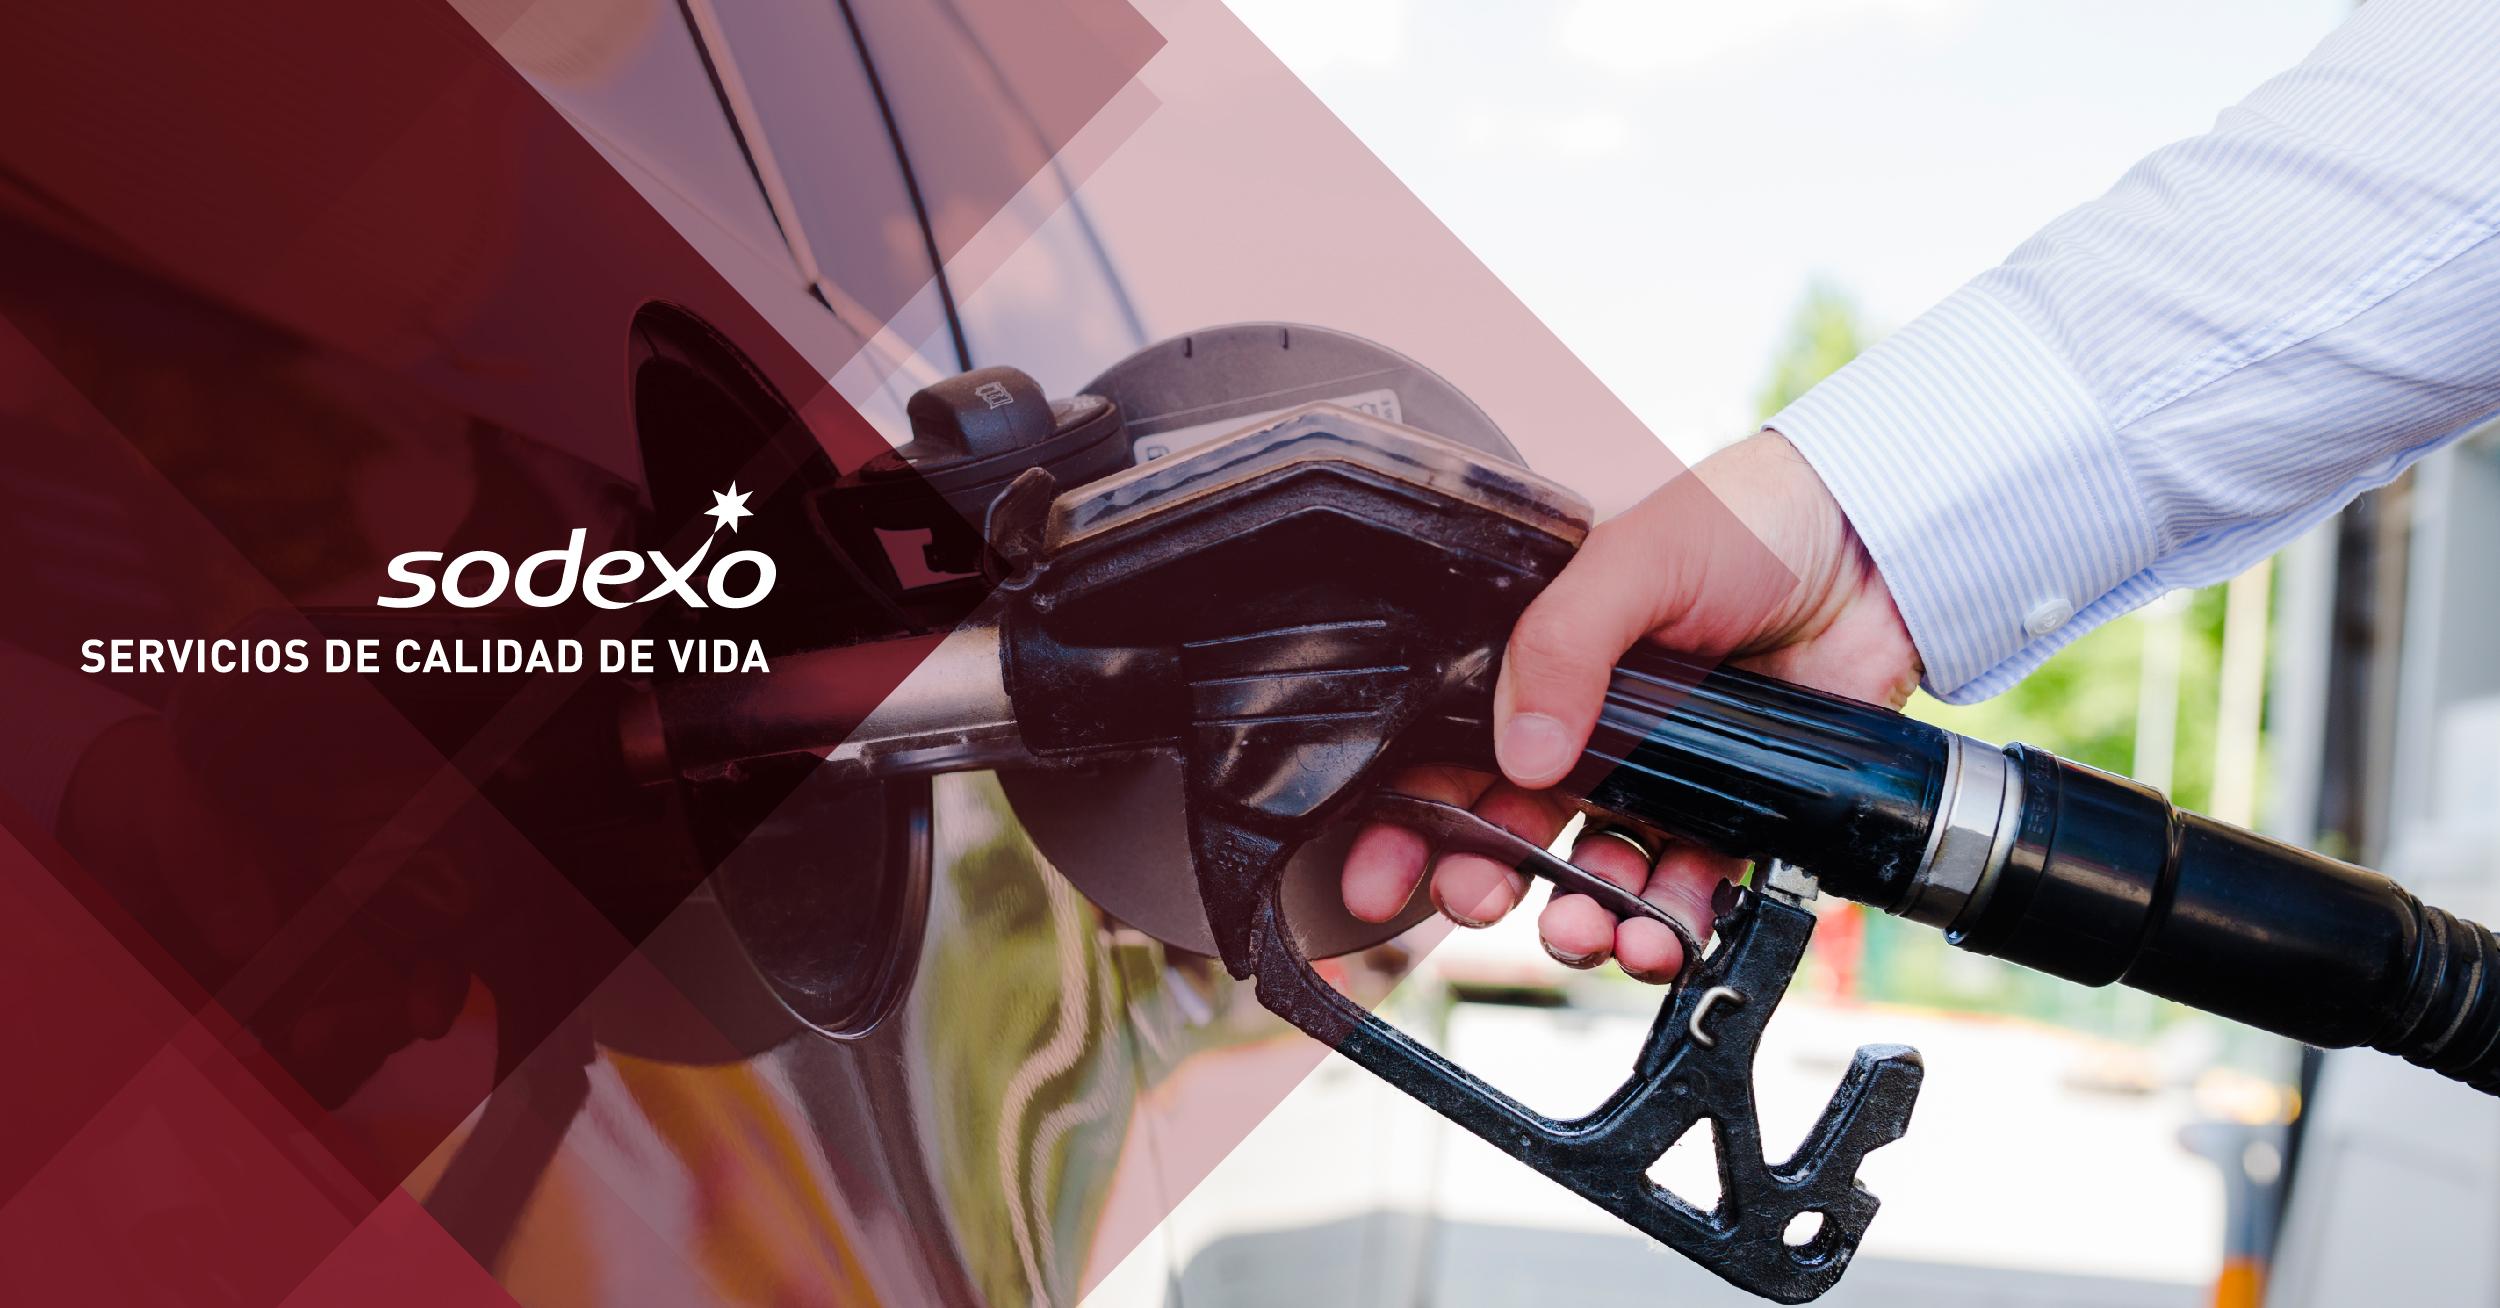 blog_sodexo_ahorra-la-gasolina-de-tu-auto-y-sobrevive-al-desabasto-con-estos-consejos